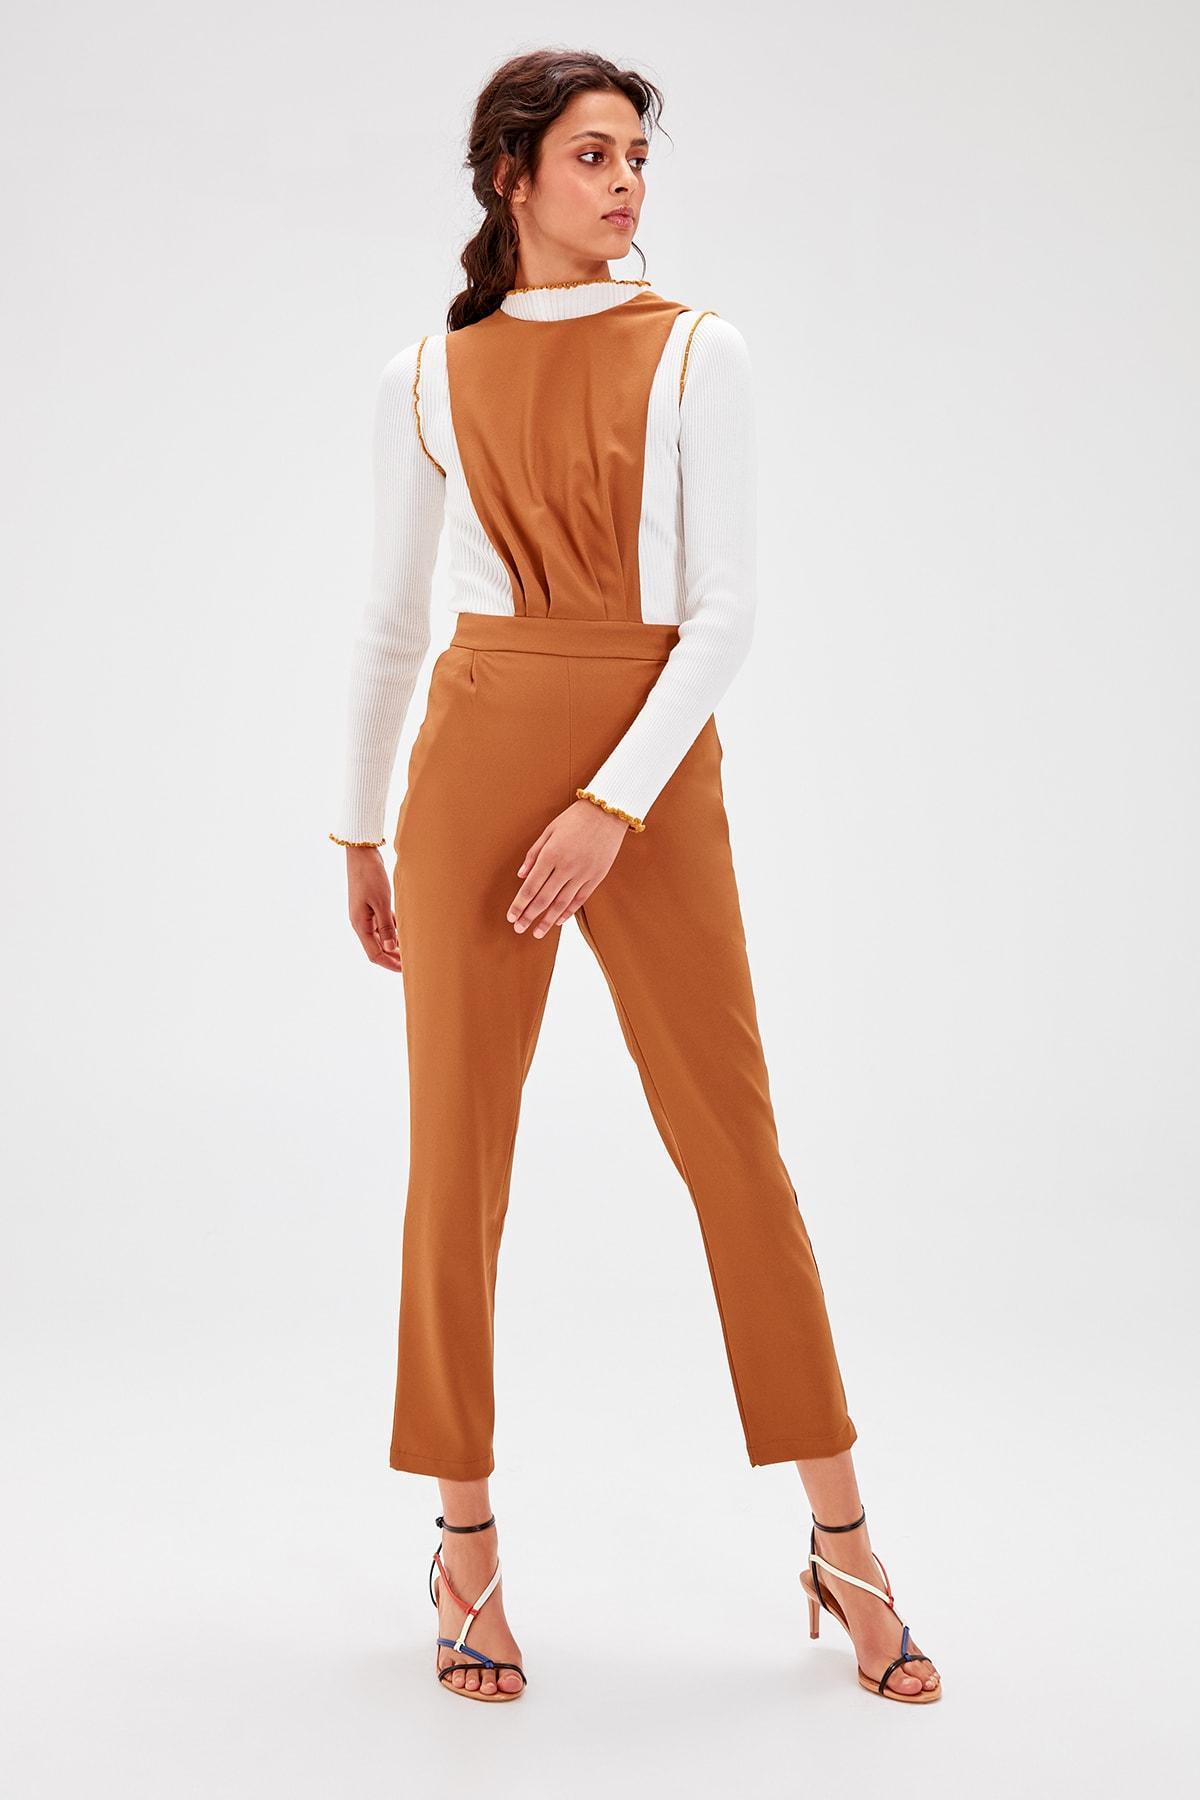 Trendyol Camel Suspenders Rompers TWOAW20TU0026